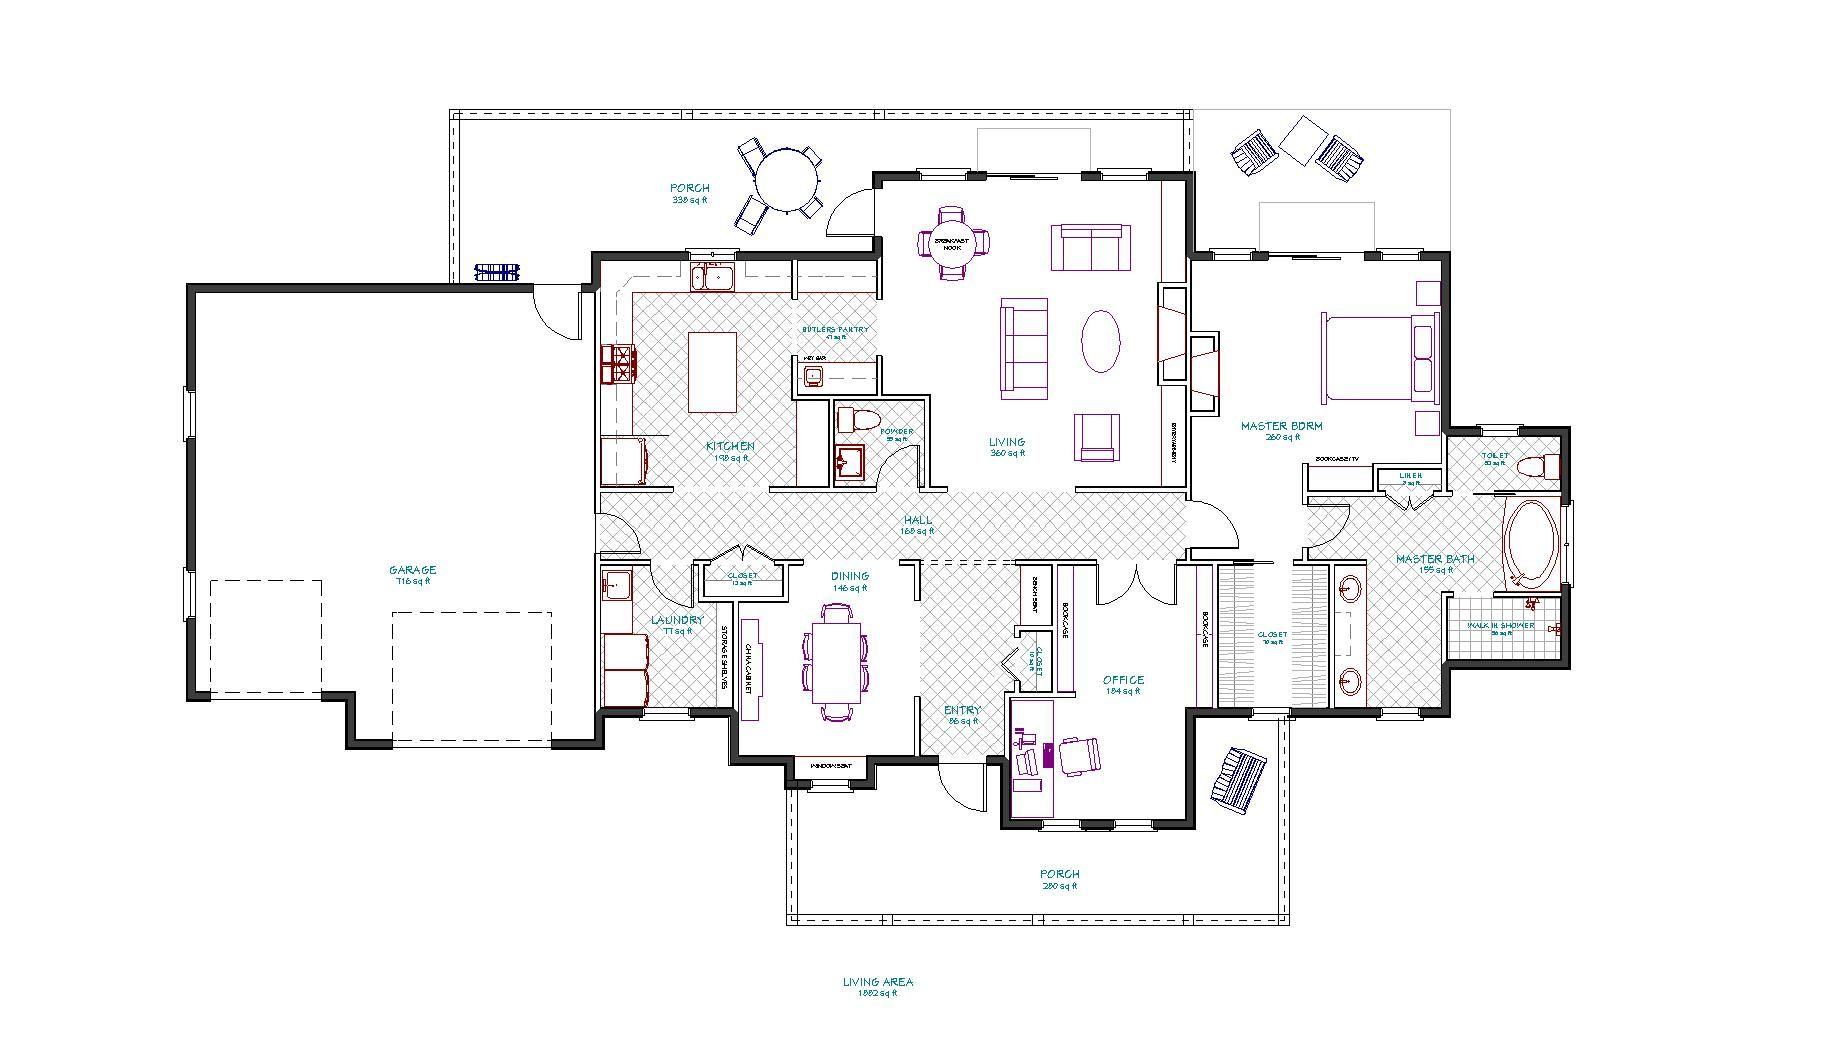 mountain contemporary home design plans - Google Search | Mountain ...